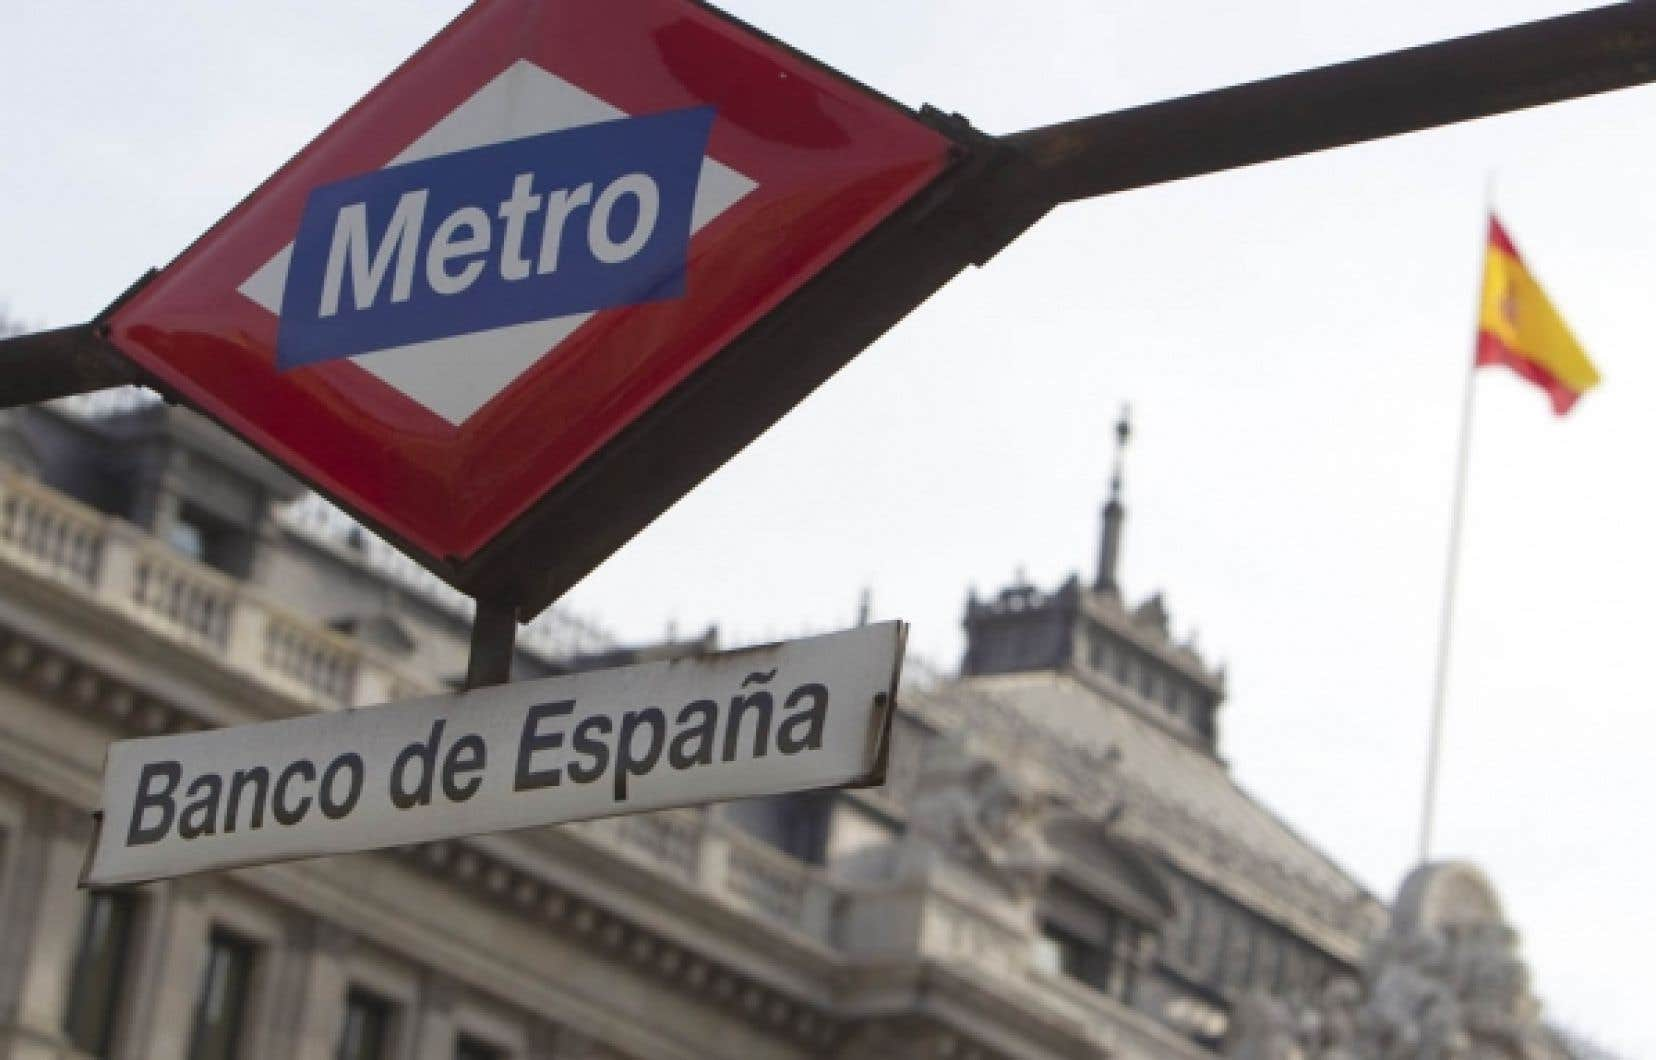 L'agence d'évaluation financière Standard and Poor's a abaissé hier la cote de l'Espagne, une économie cinq fois plus importante que la Grèce.